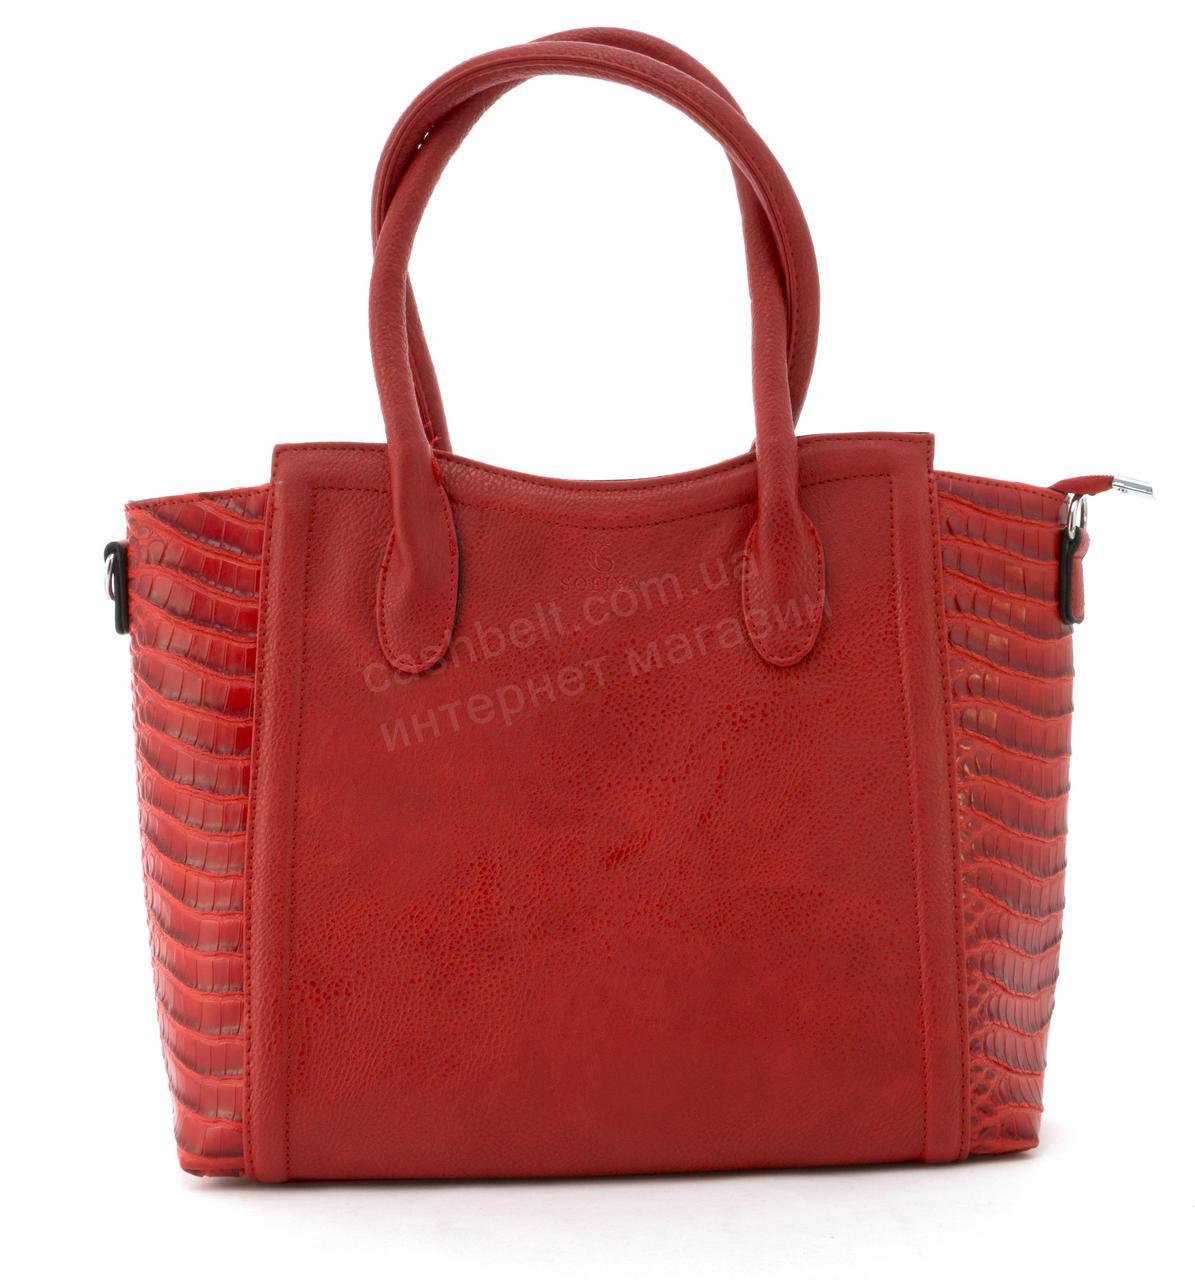 Вместительная прочная модная сумка из эко кожи высокого качества  art. 6024 красная